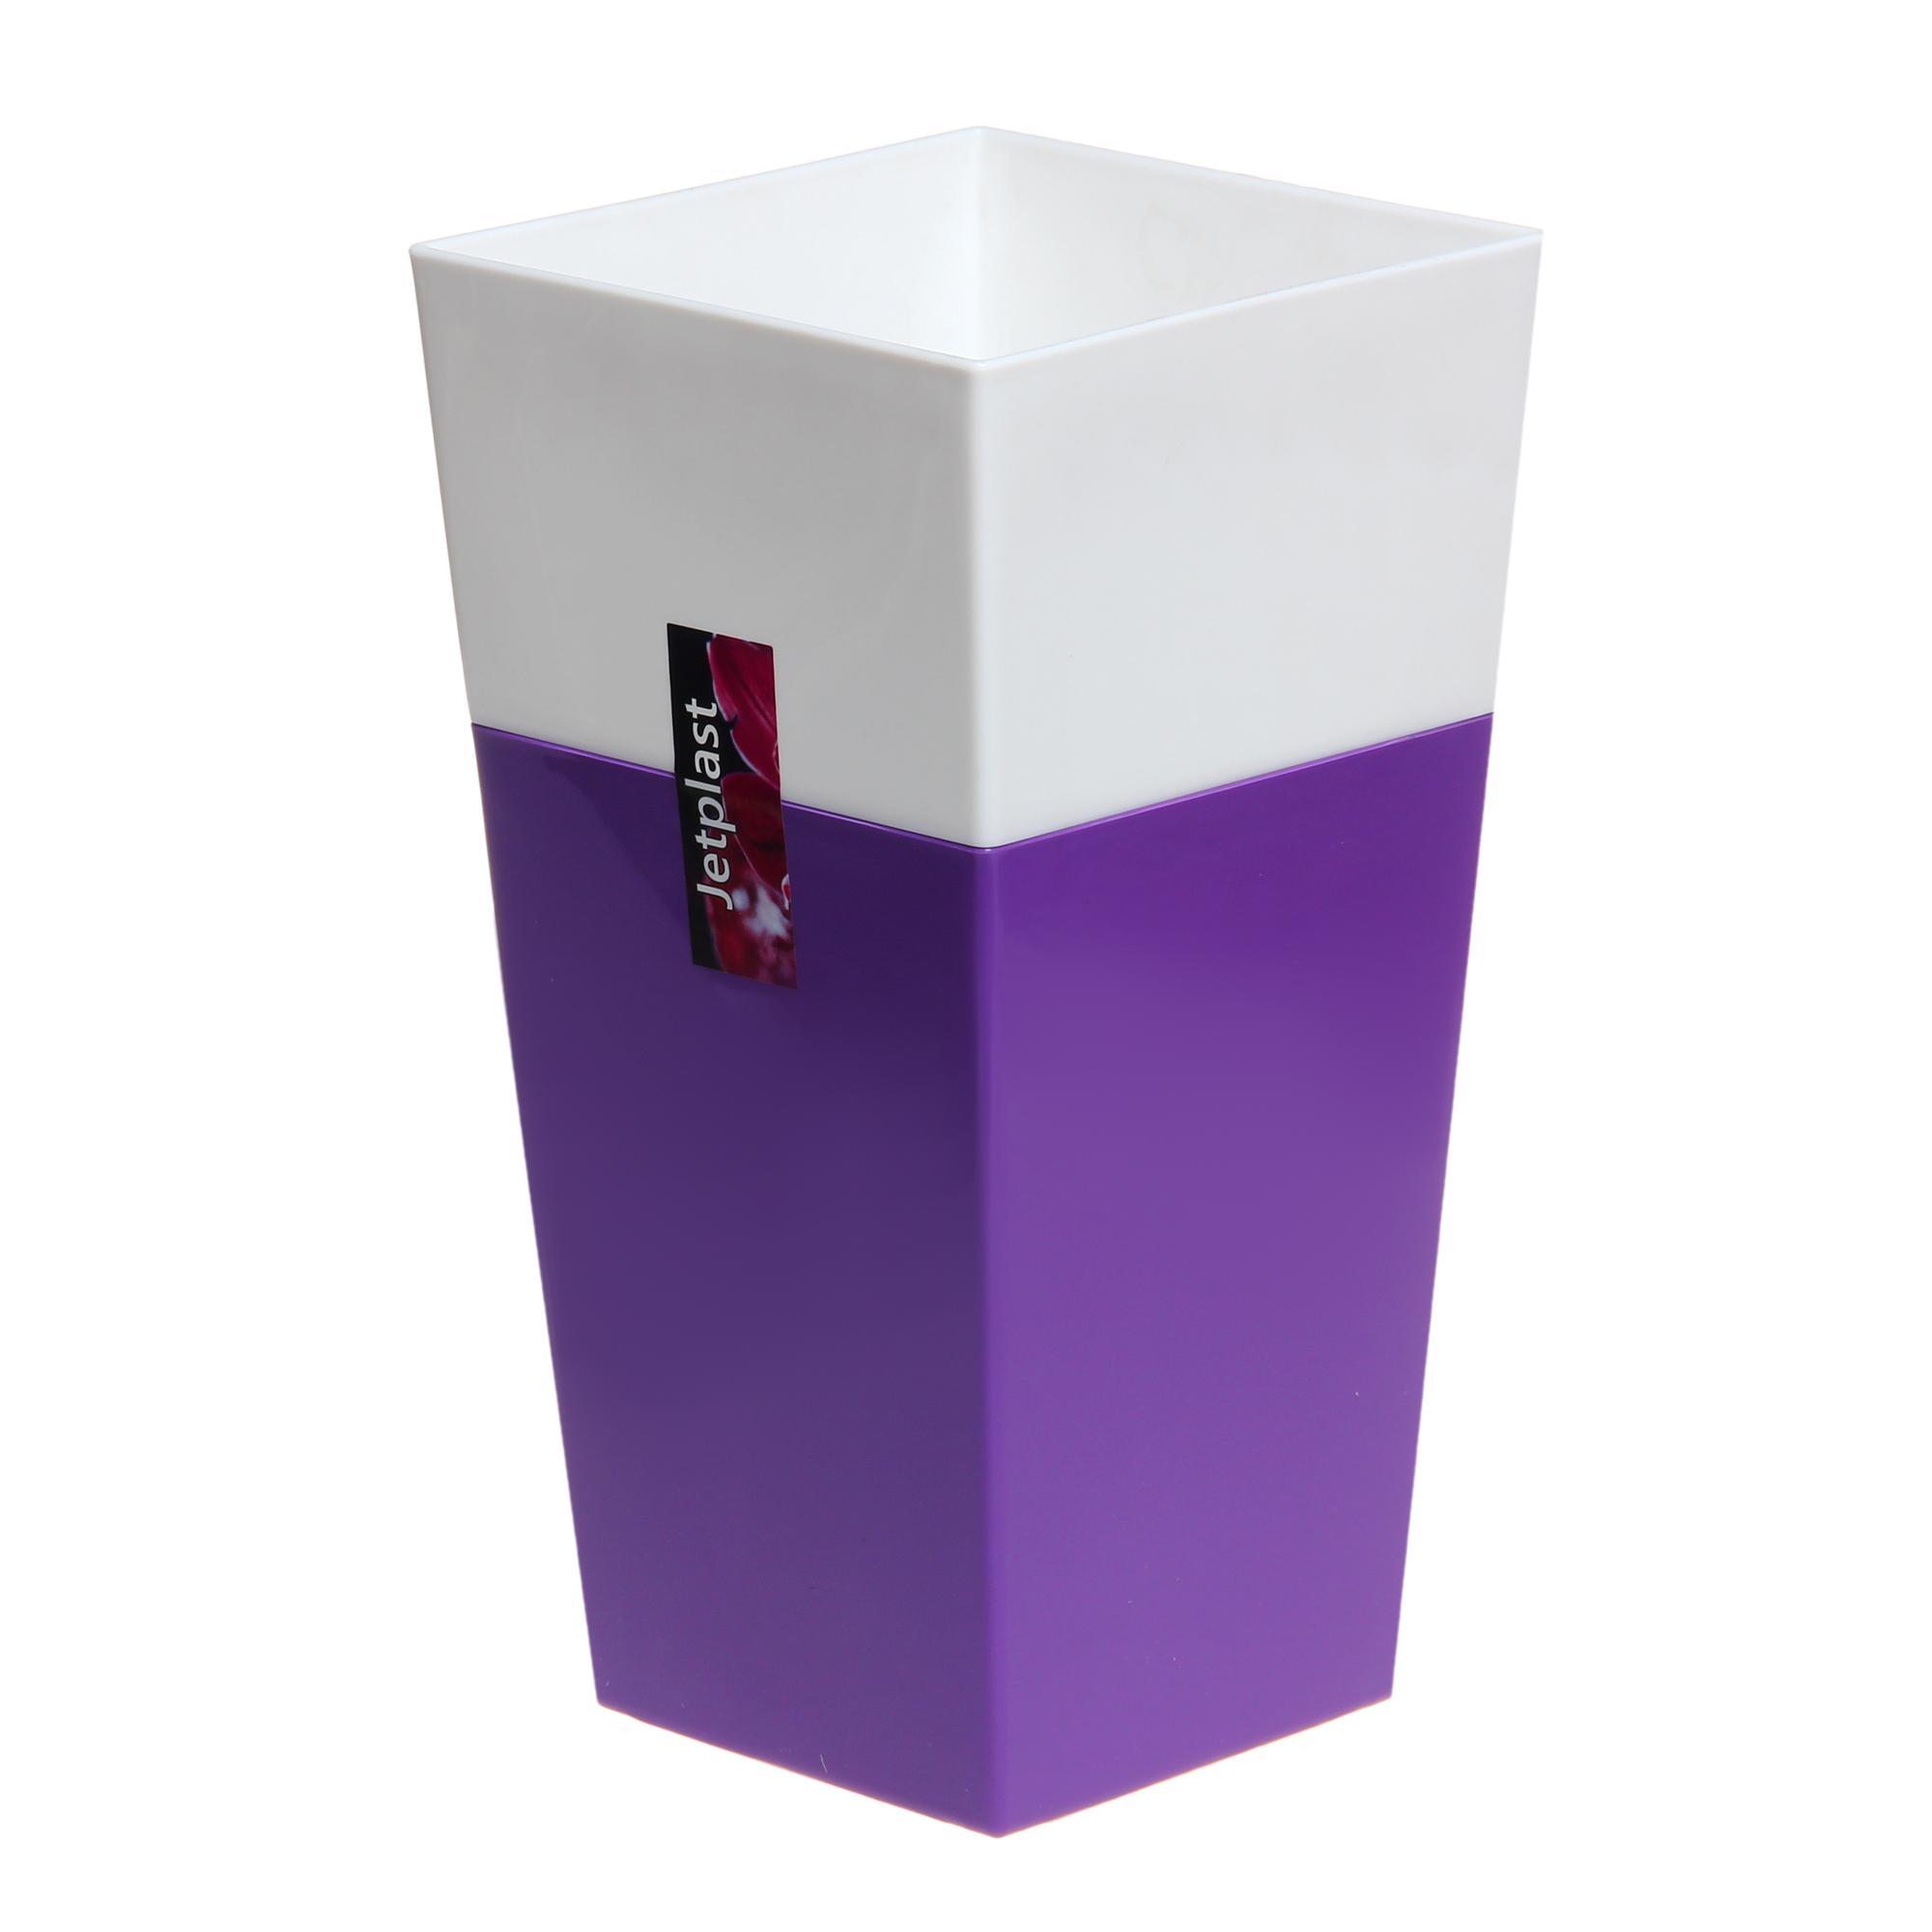 Кашпо Интерлинк дуэт 13x13см фиолетовый-белый кашпо интерлинк волна 12 см бирюзовый